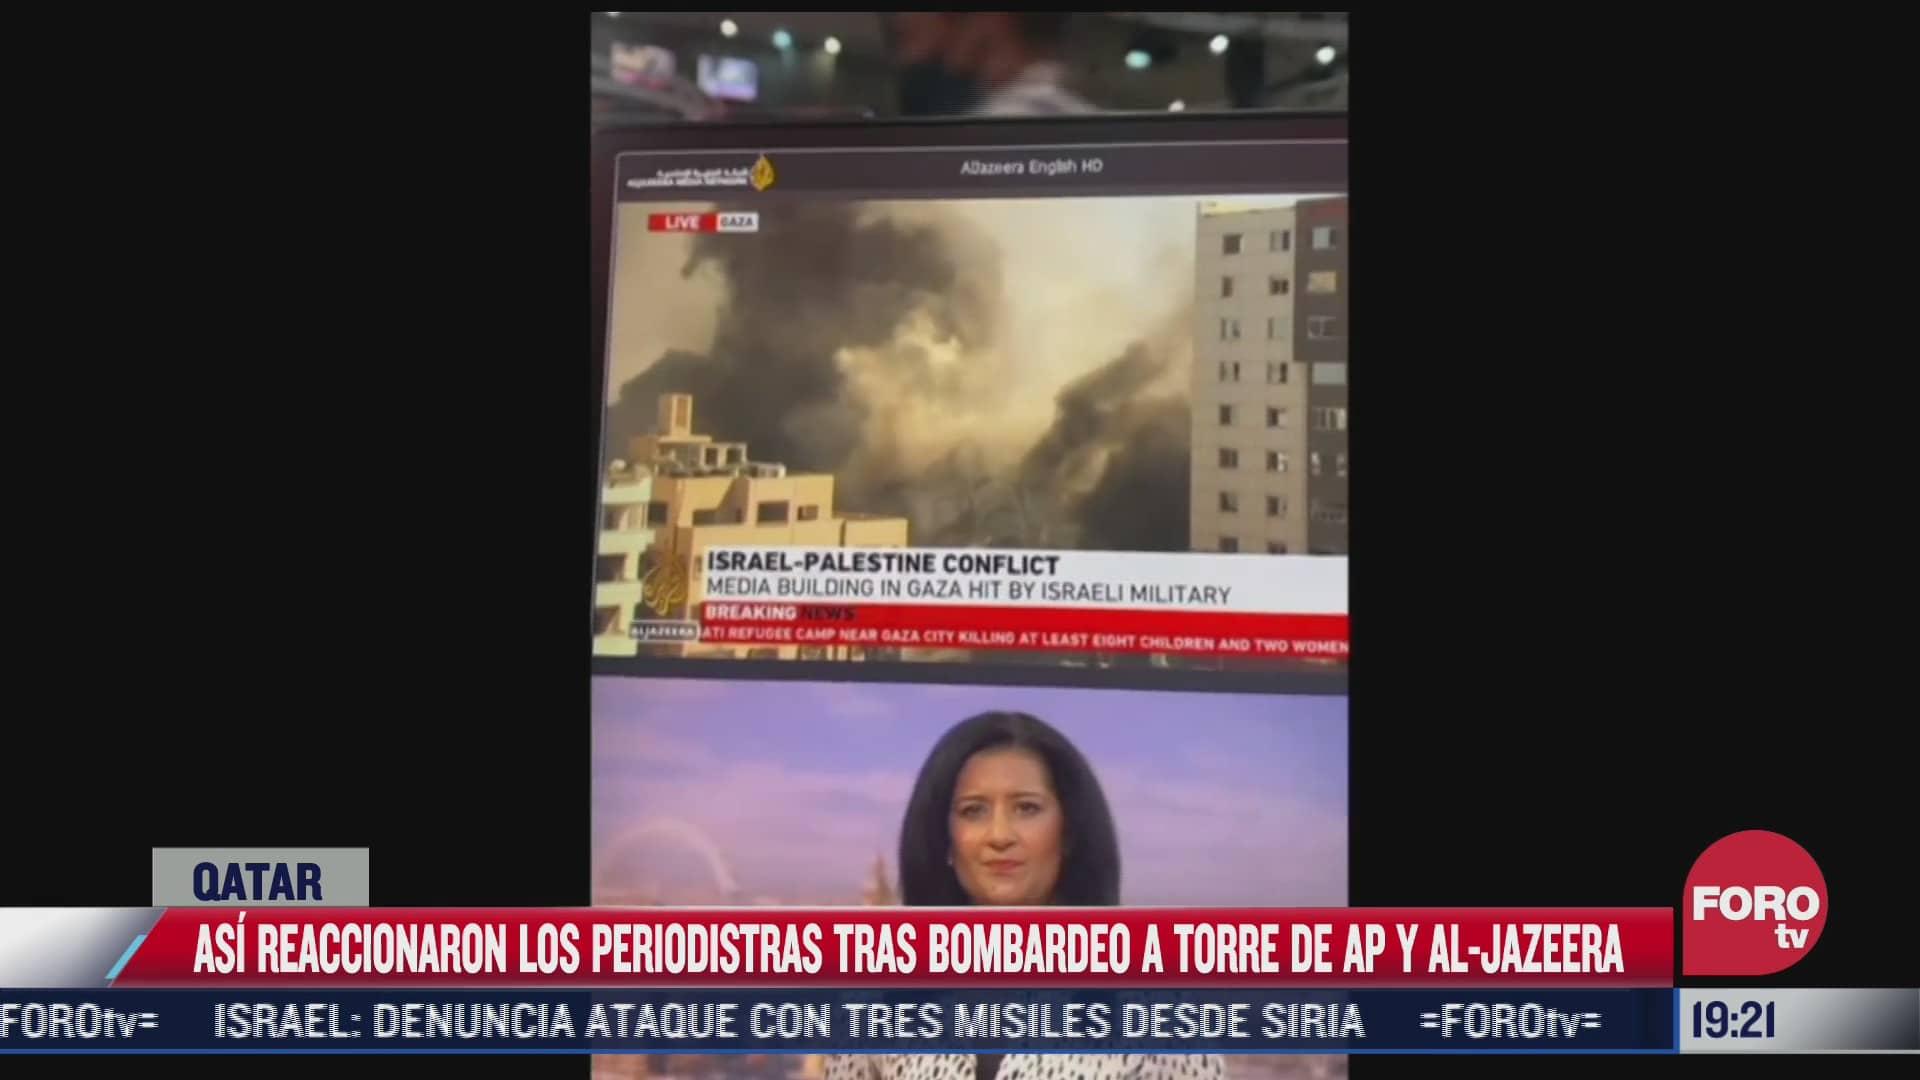 asi reaccionaron los periodistas tras bombardeo a torre de ap y al jazeera